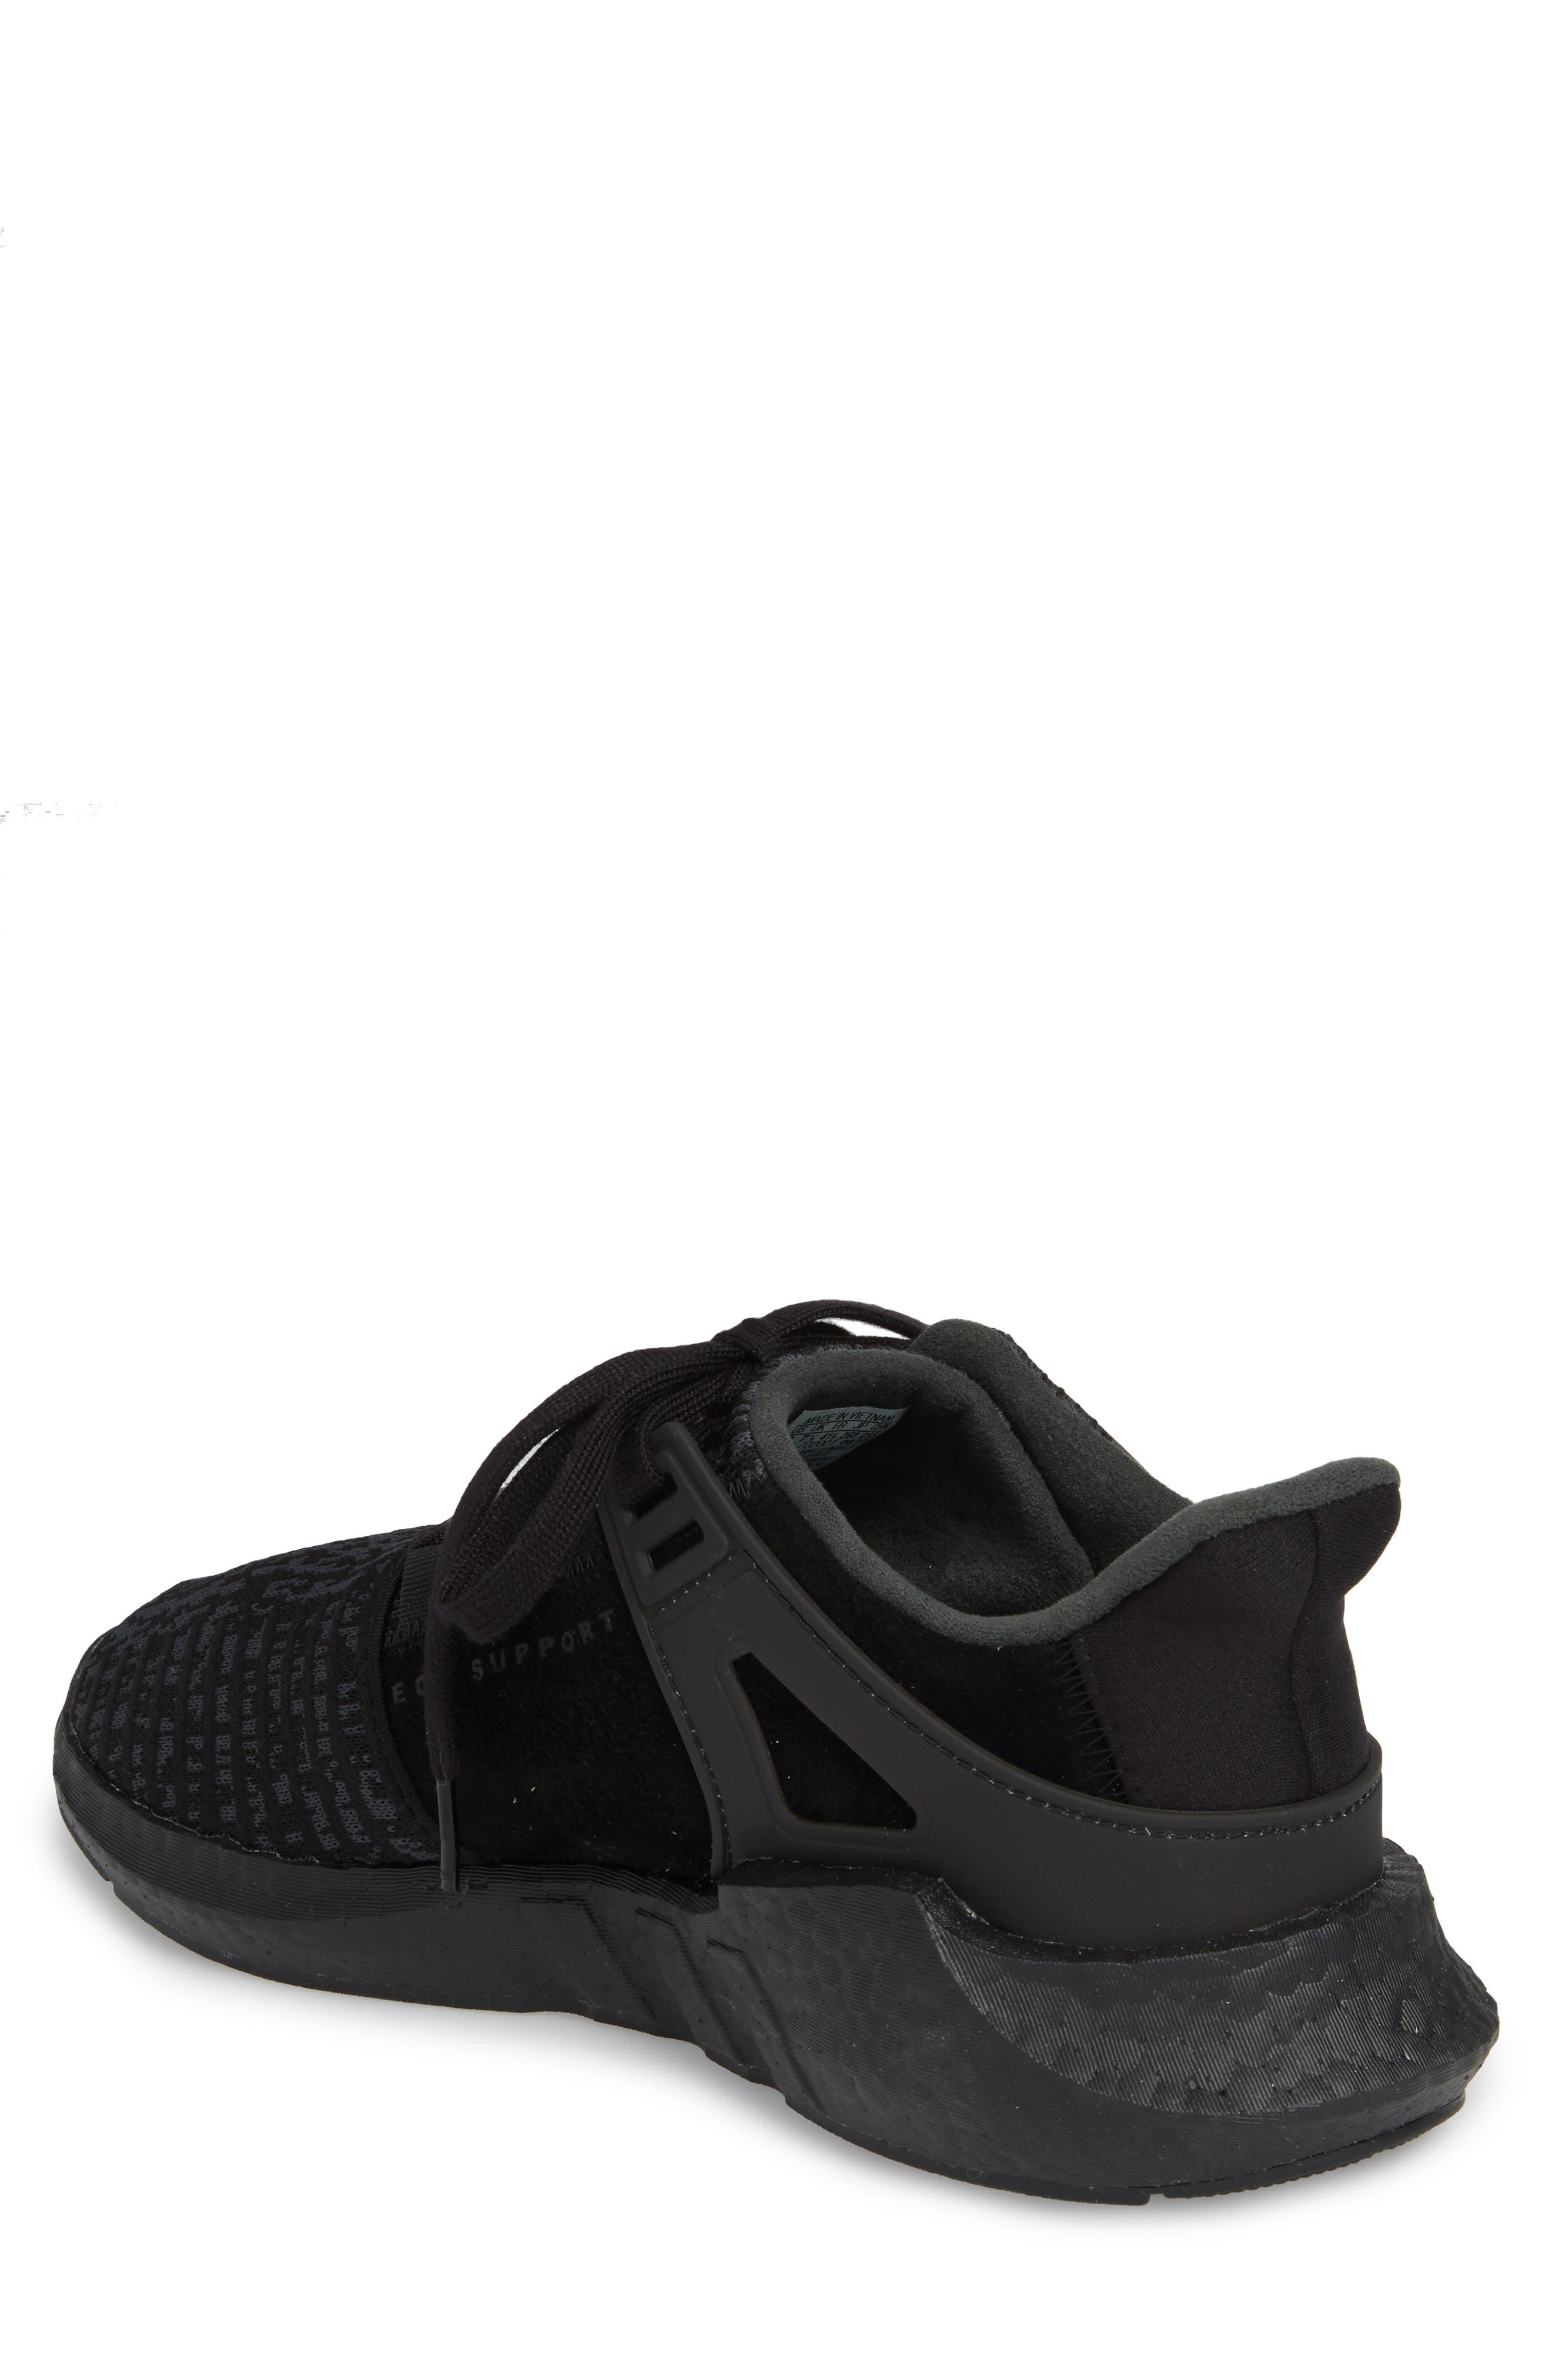 adidas tubular x white and grey wolverine shoes